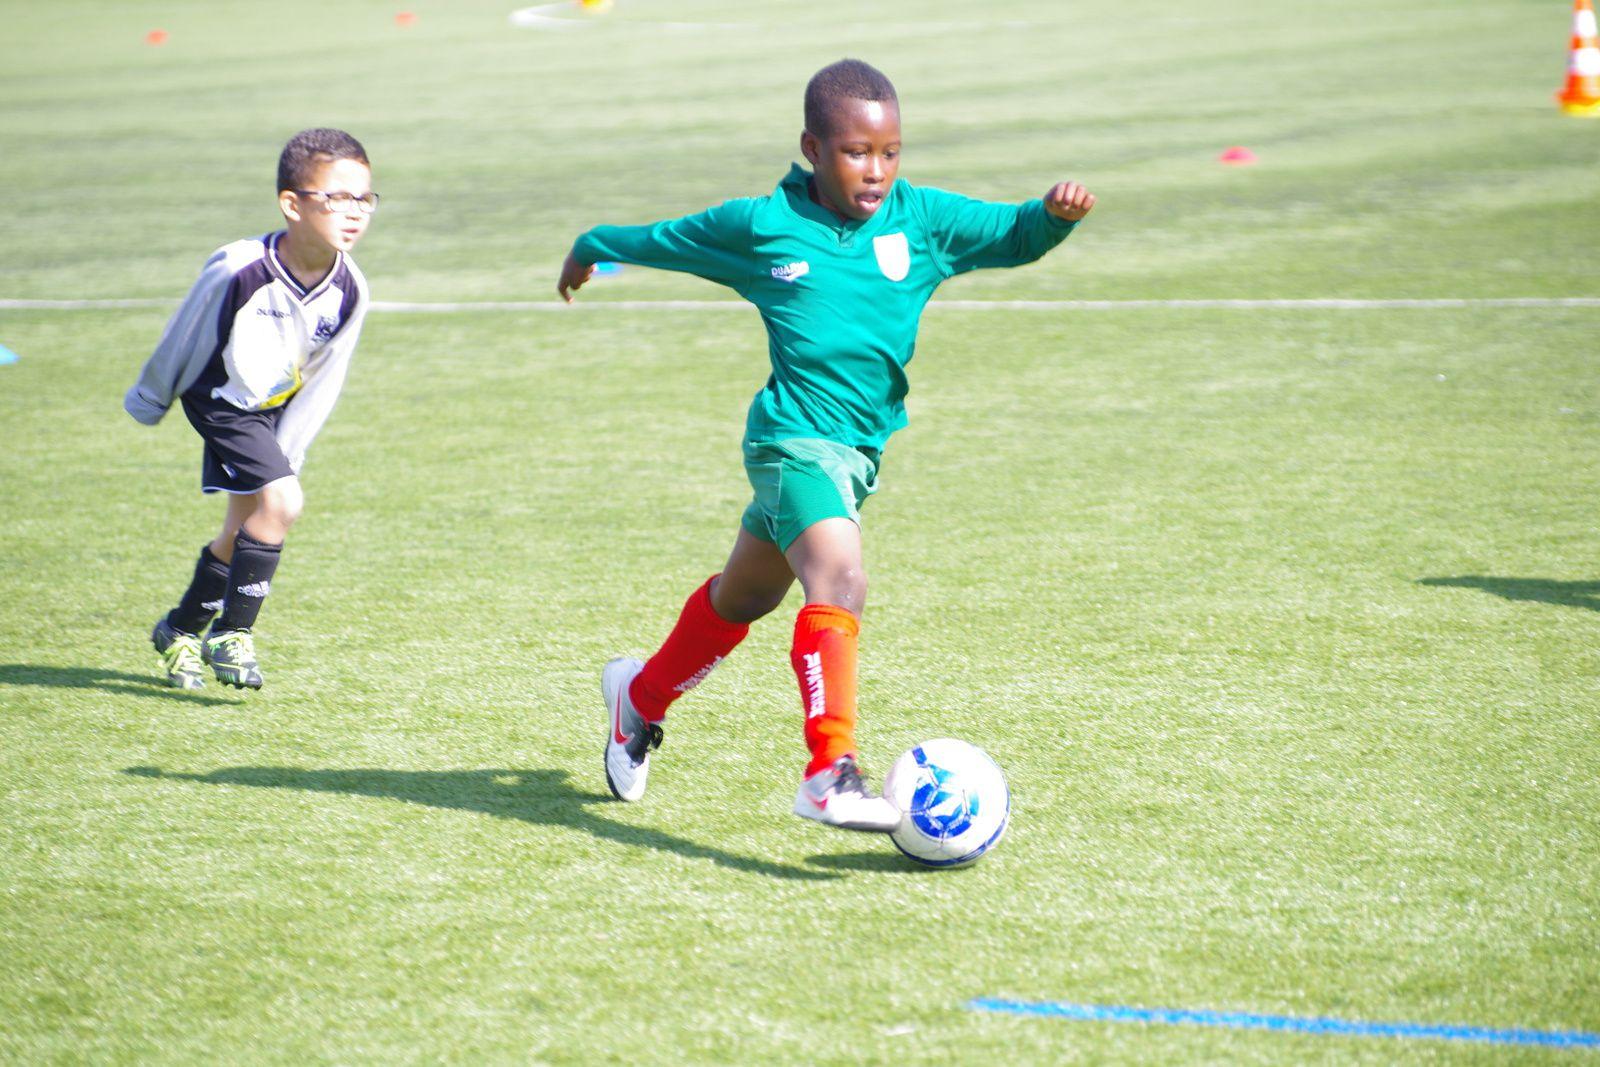 Plus de cinq cents footballeurs en herbe de 5 à 7 ans ont participé à la journée nationale des débutants à Vénissieux